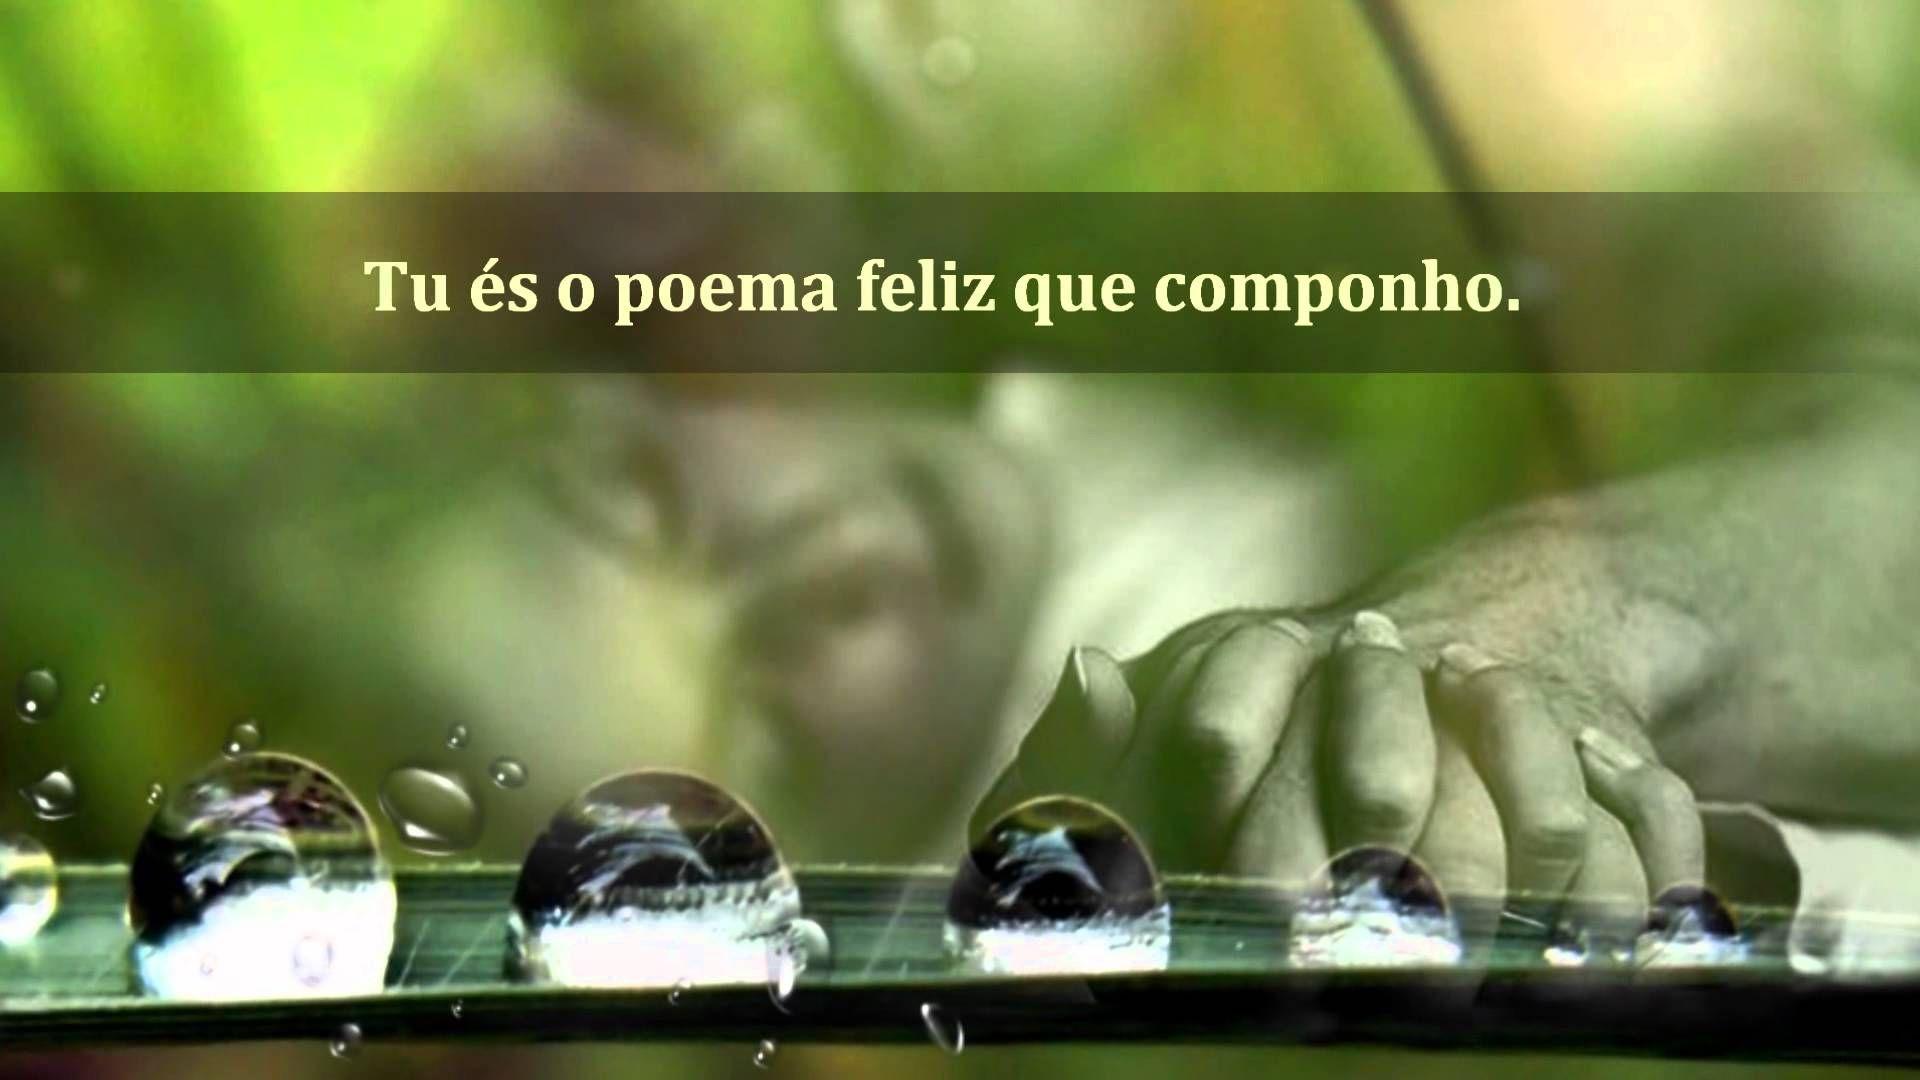 SONETO DO BEIJO DE ORVALHO Autoria de Juli Ribeiro http://www.recantodasletras.com.br/sonetos/1024076